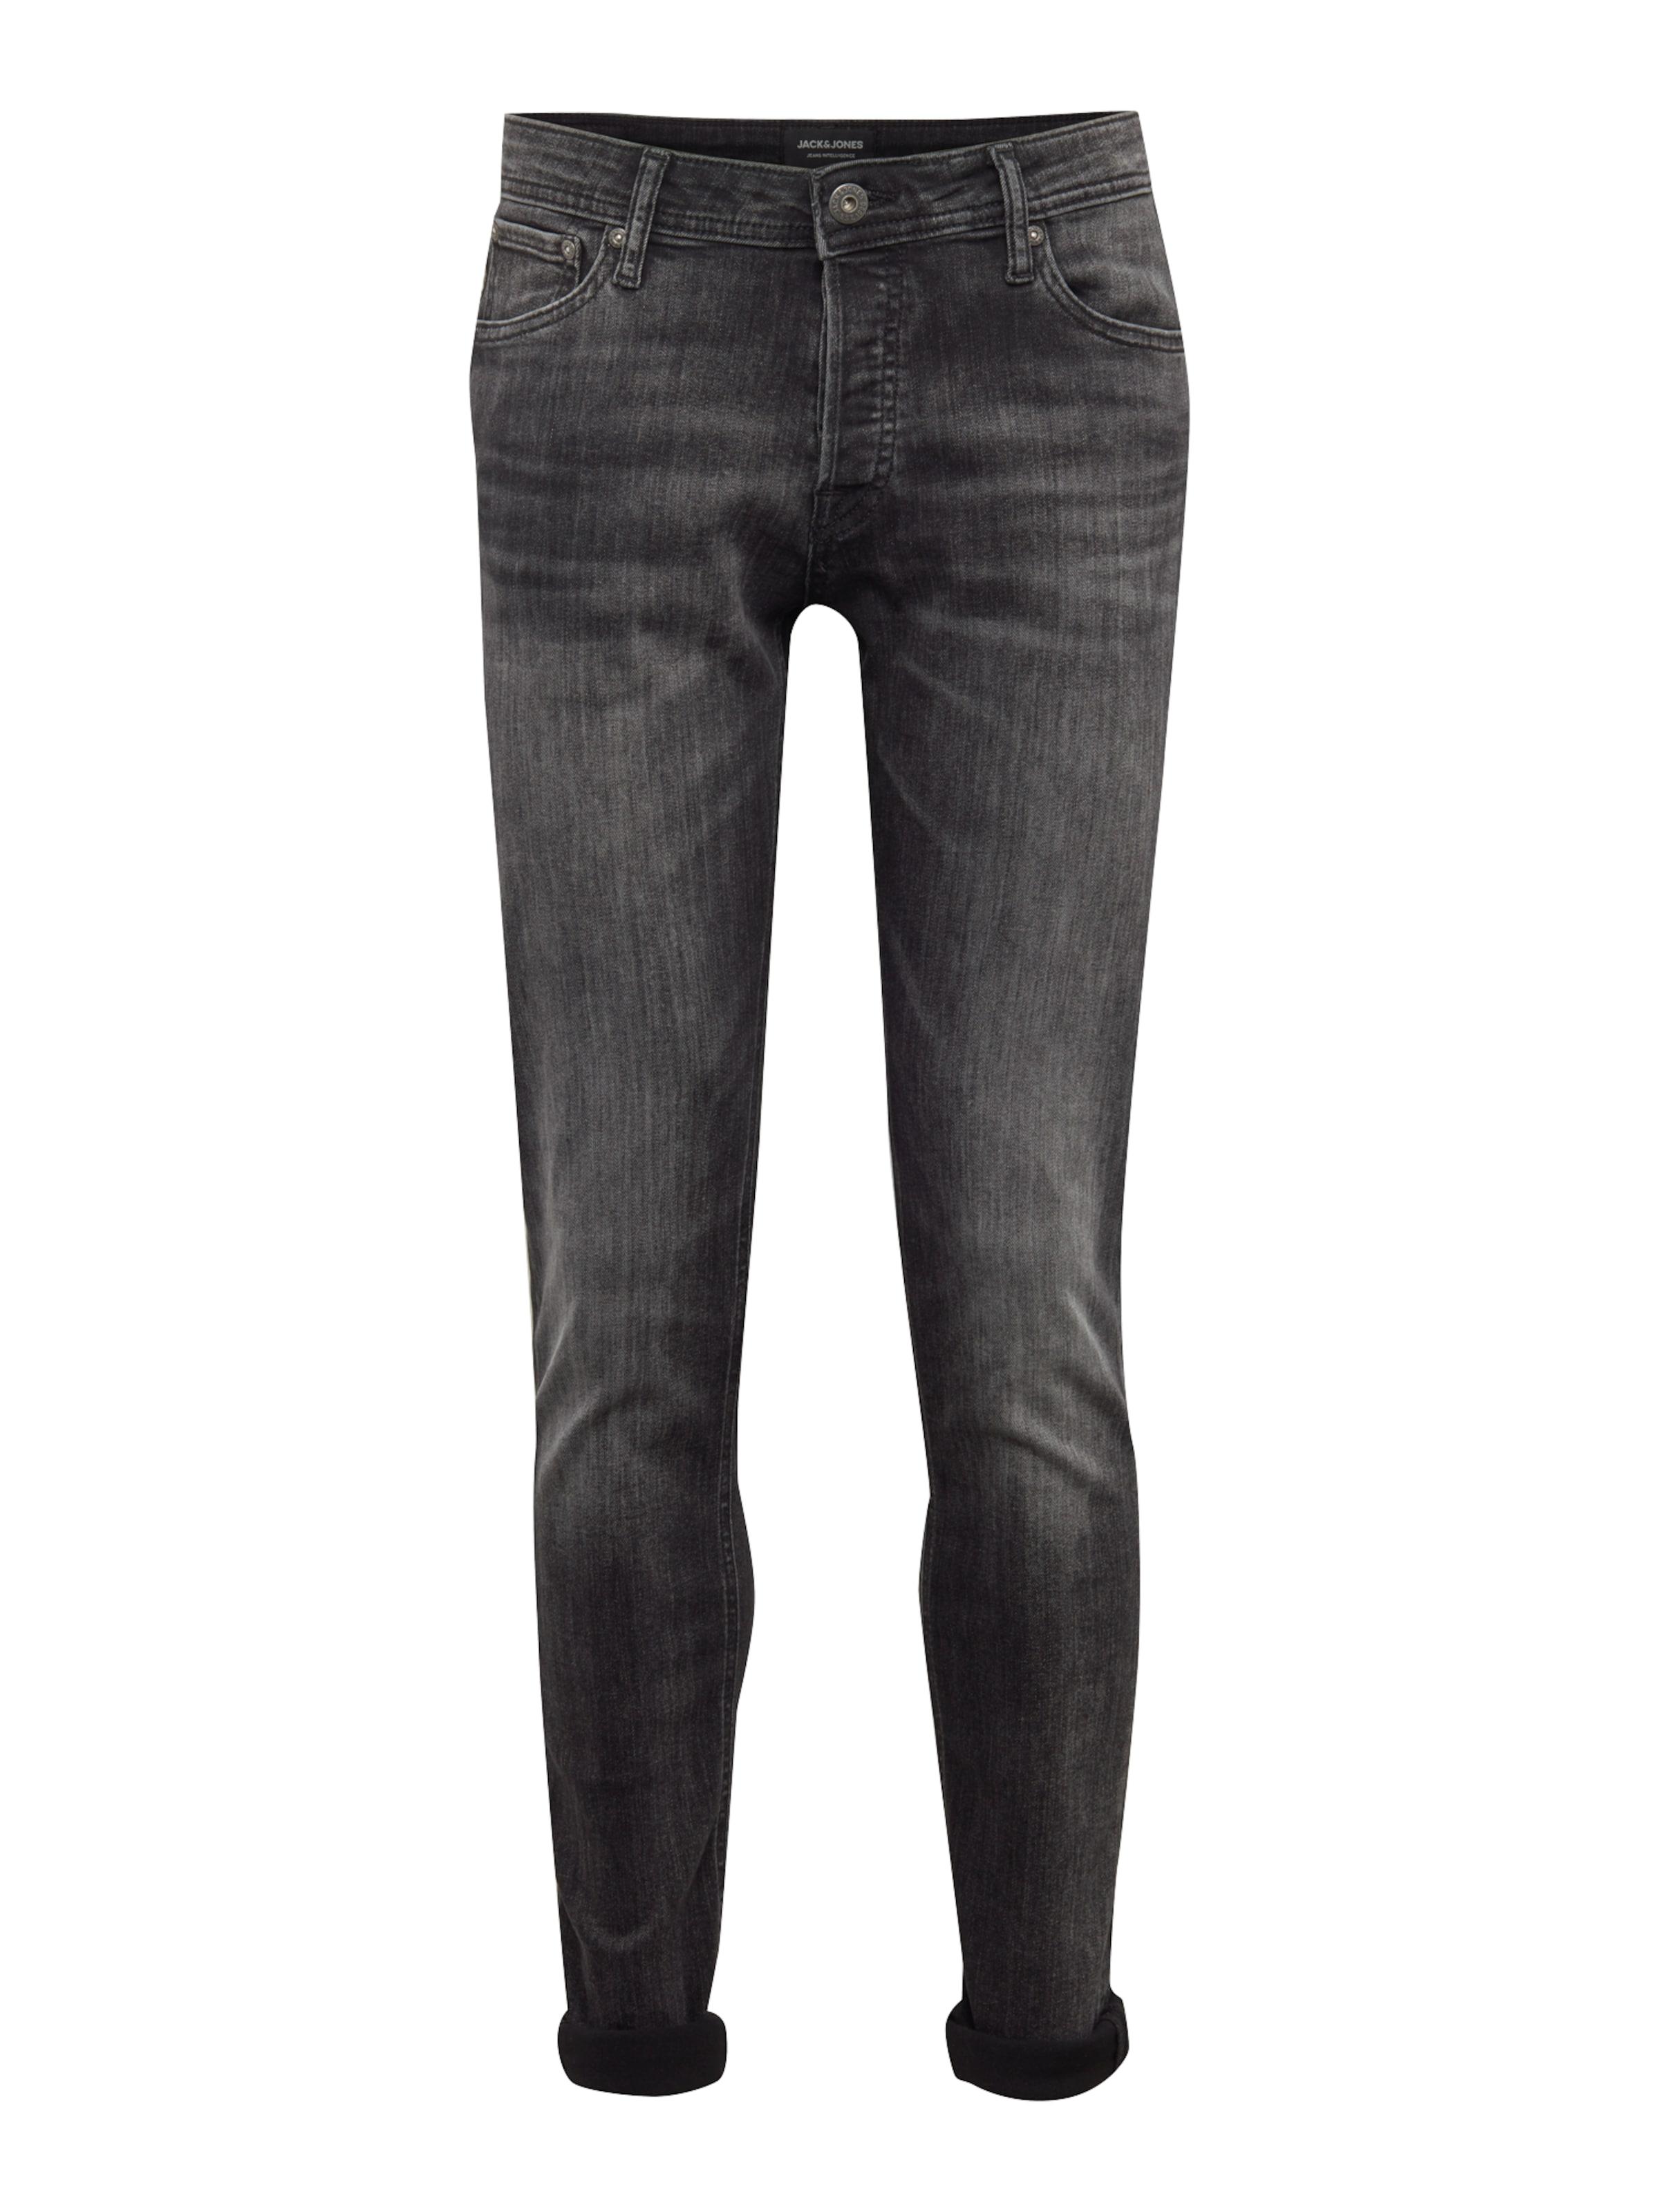 Denim Jackamp; Black 'iglenn' Jeans Jones In 34RAj5L